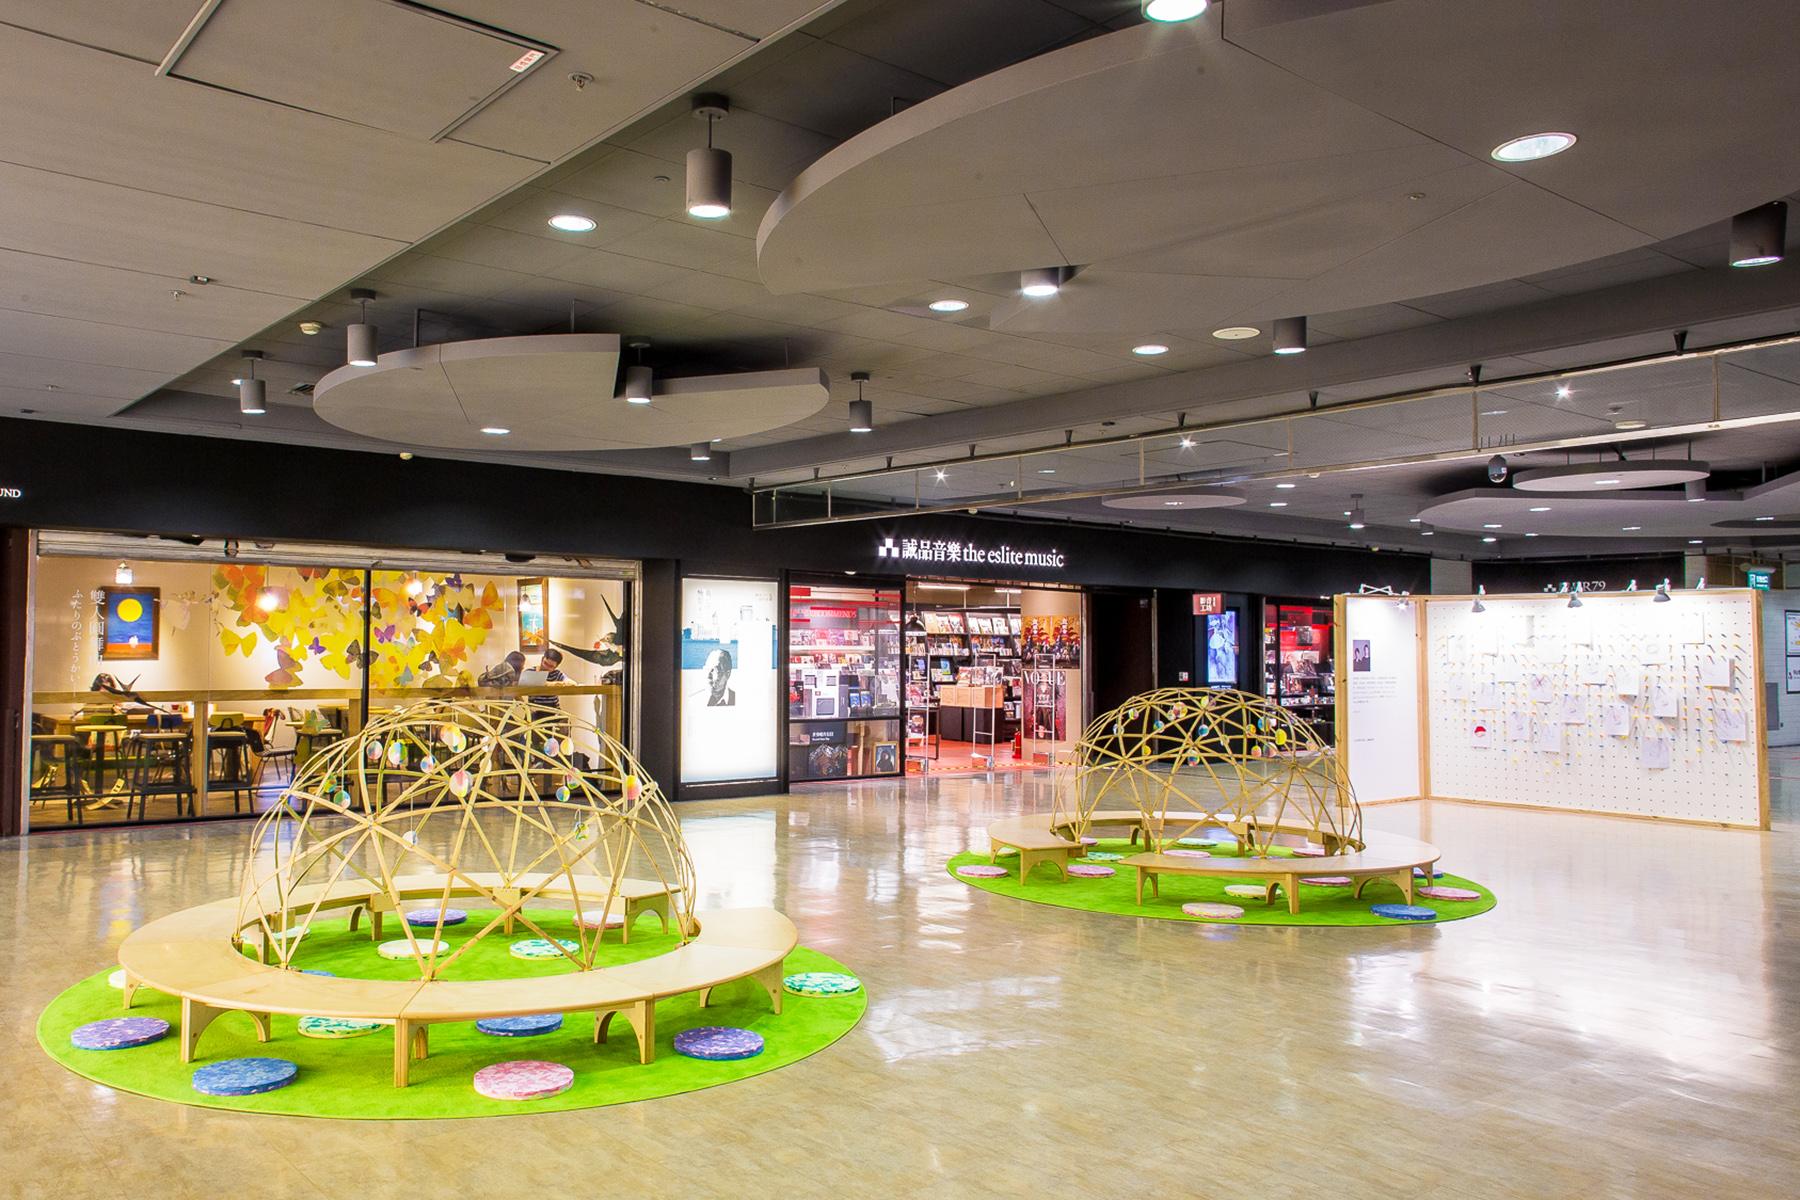 建築事務所TORAFU ARCHITECTS巨型作品「Children's Room」跨海來臺展出